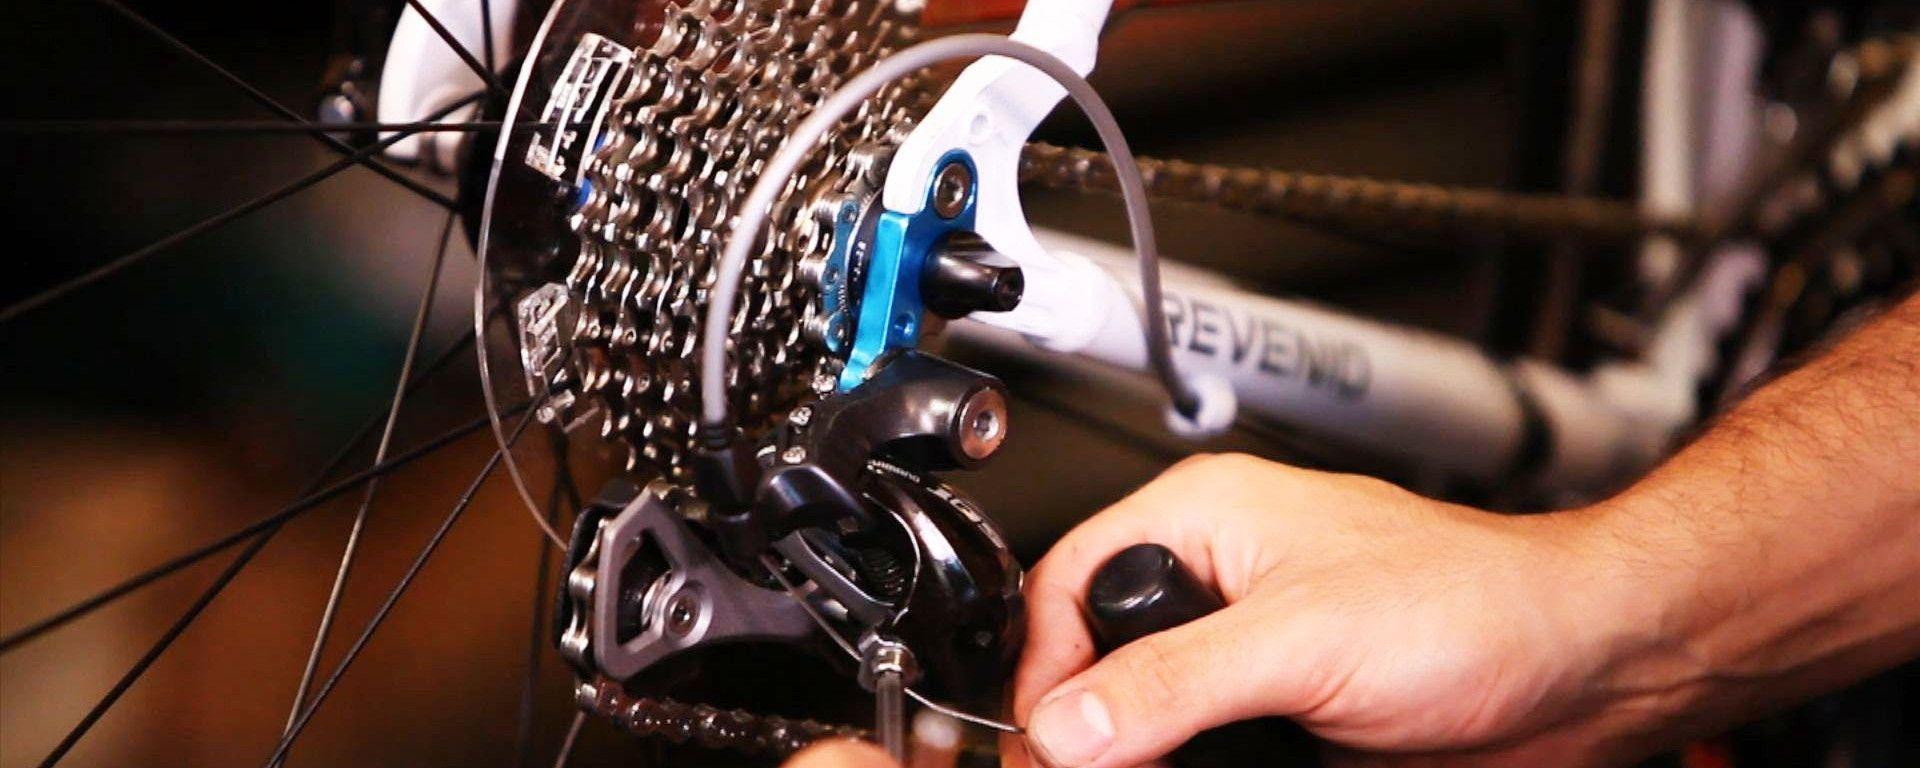 Manutenzione e-bike: i consigli per tenerla in ordine